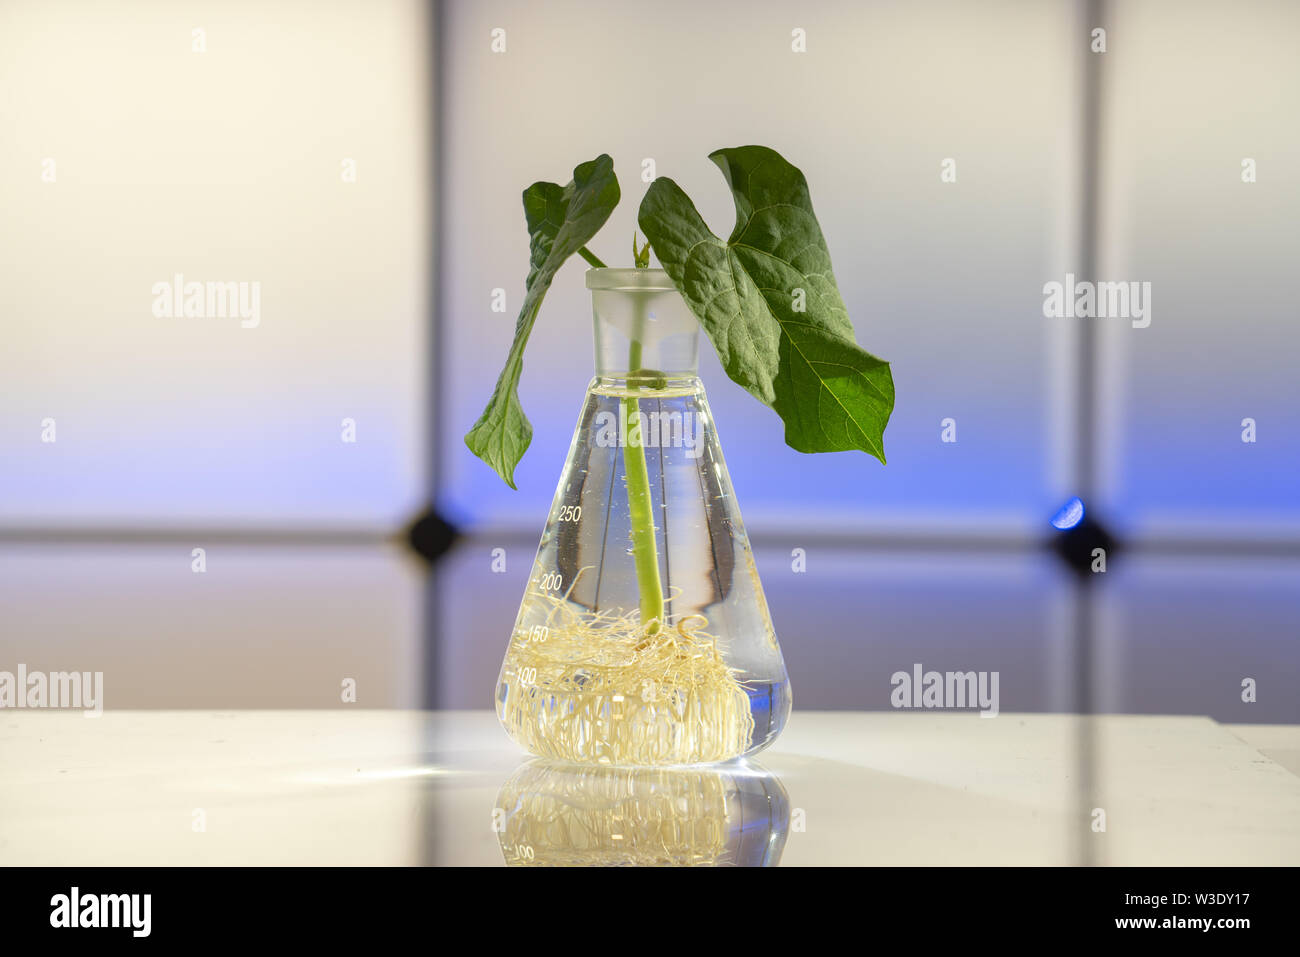 Plante verte dans la fiole chimique de laboratoire Photo Stock